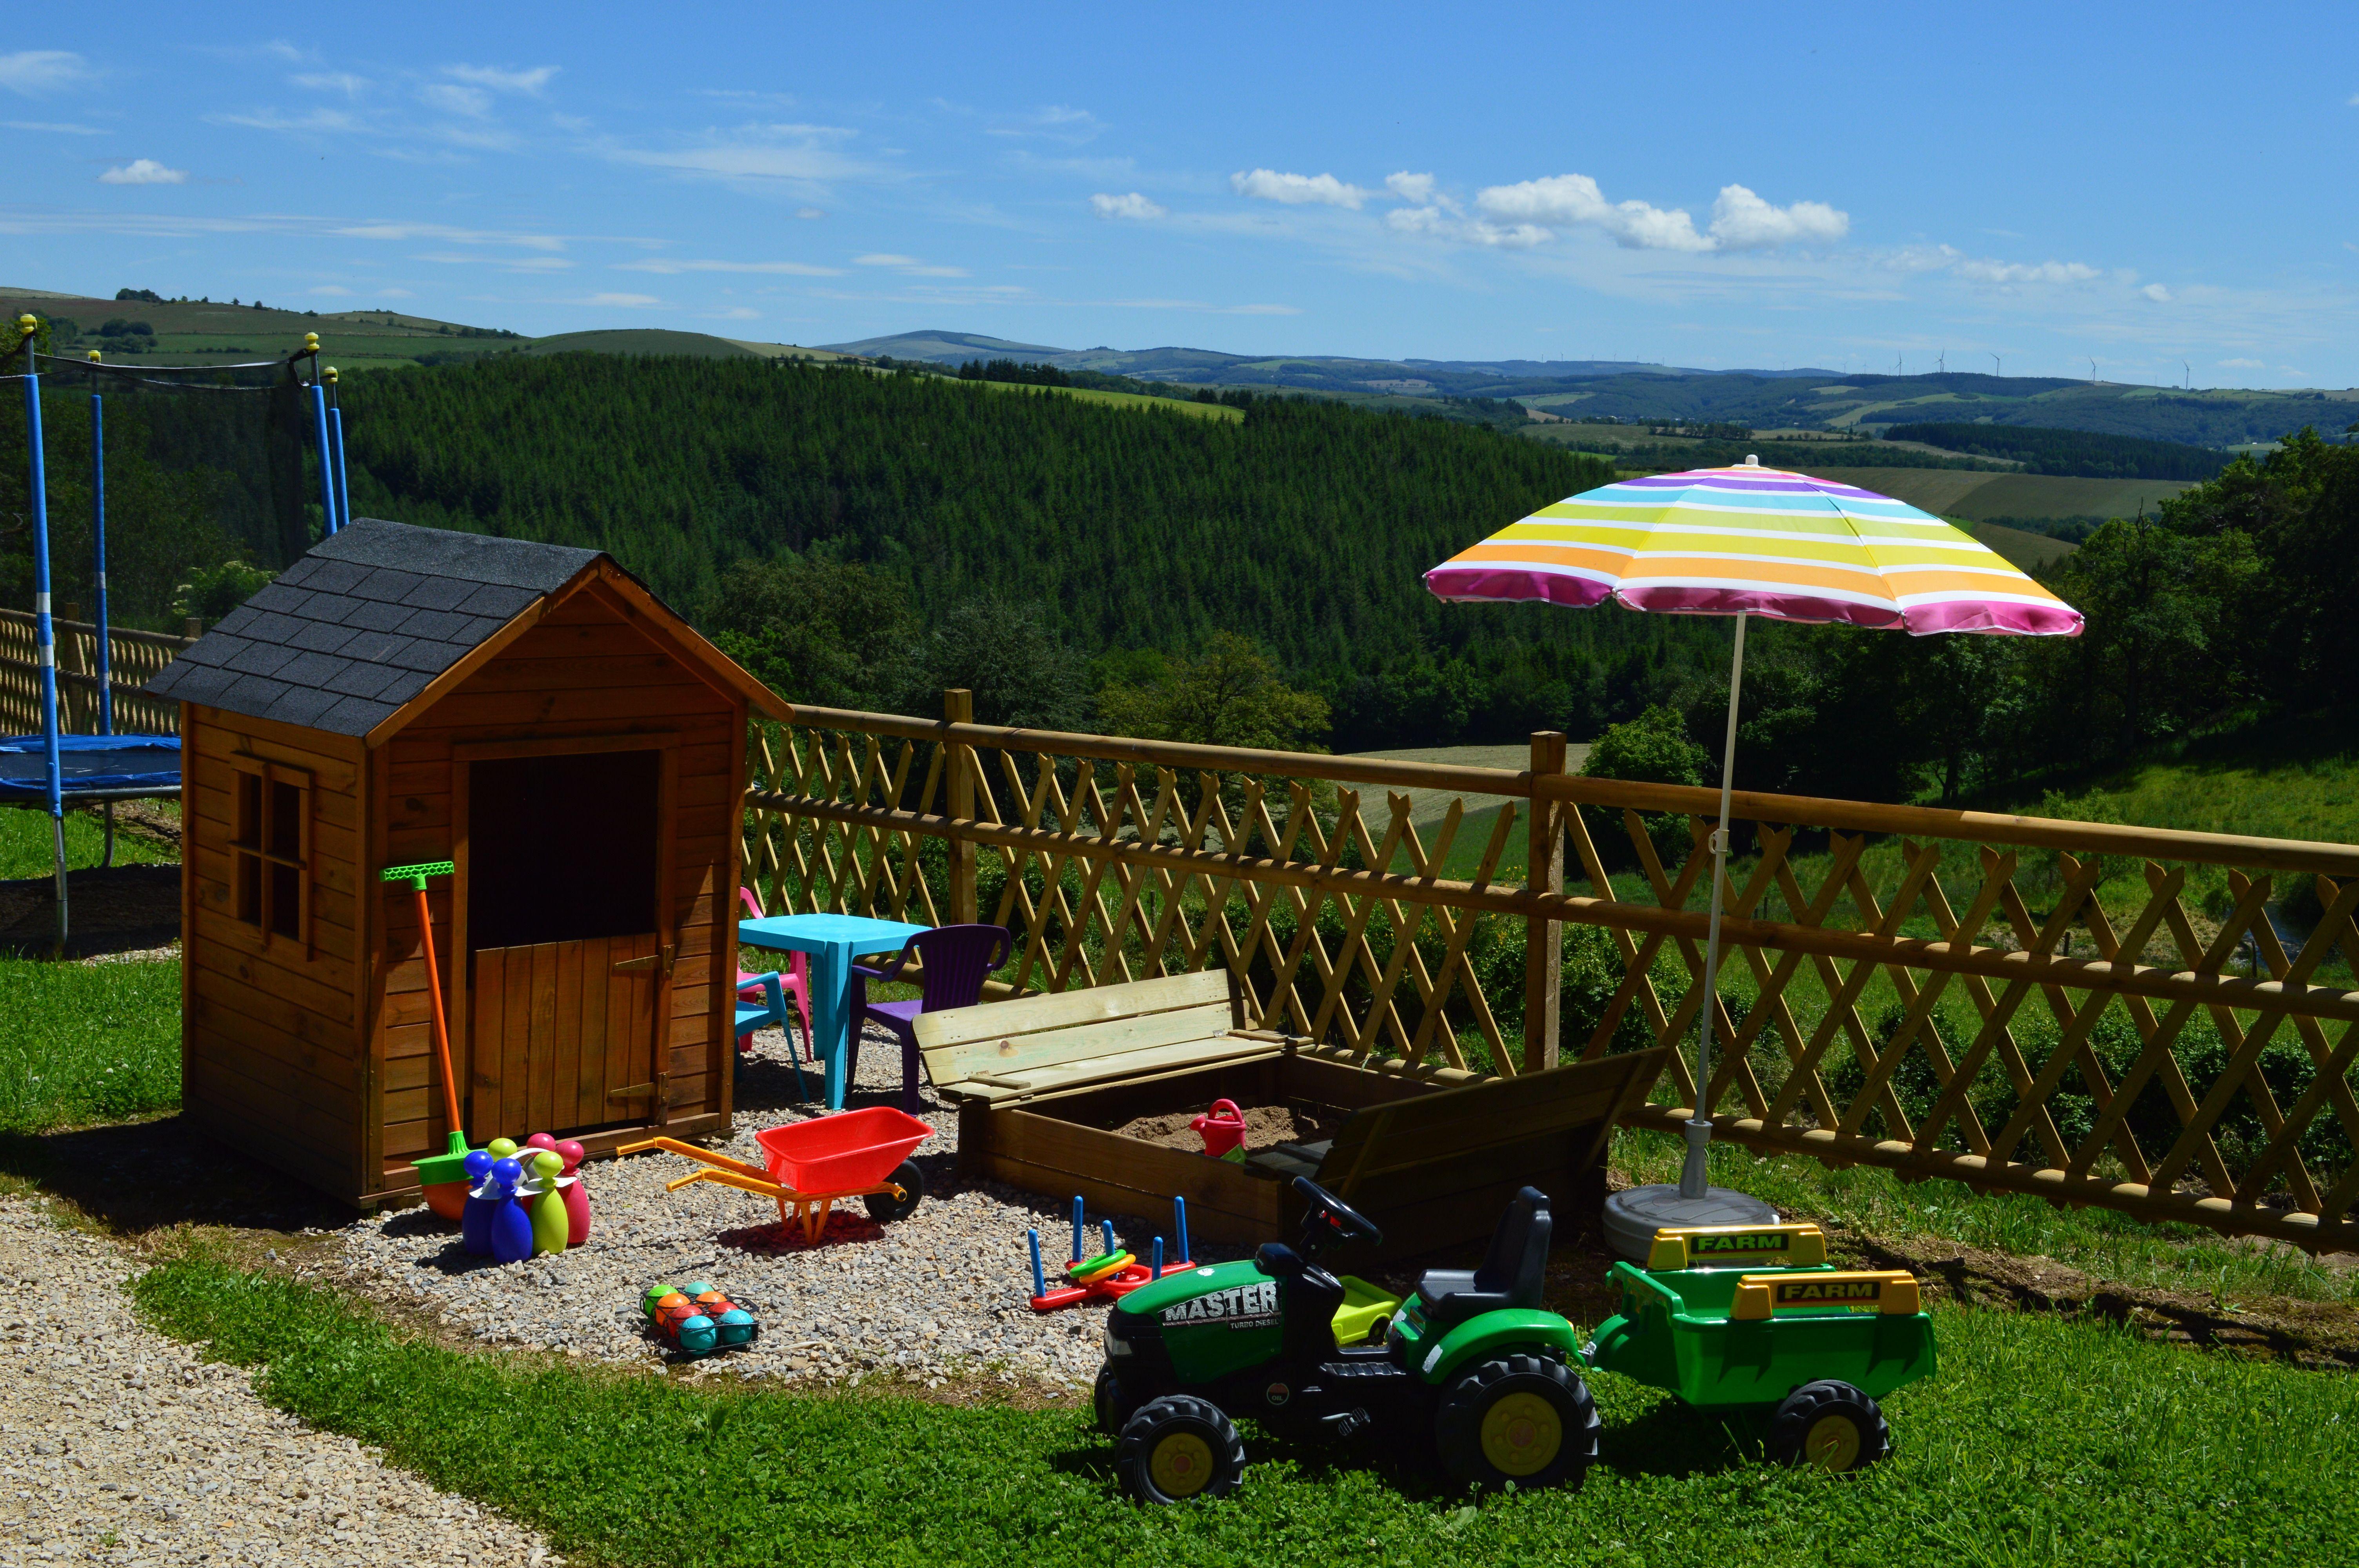 cabane, bac à sable et jeux